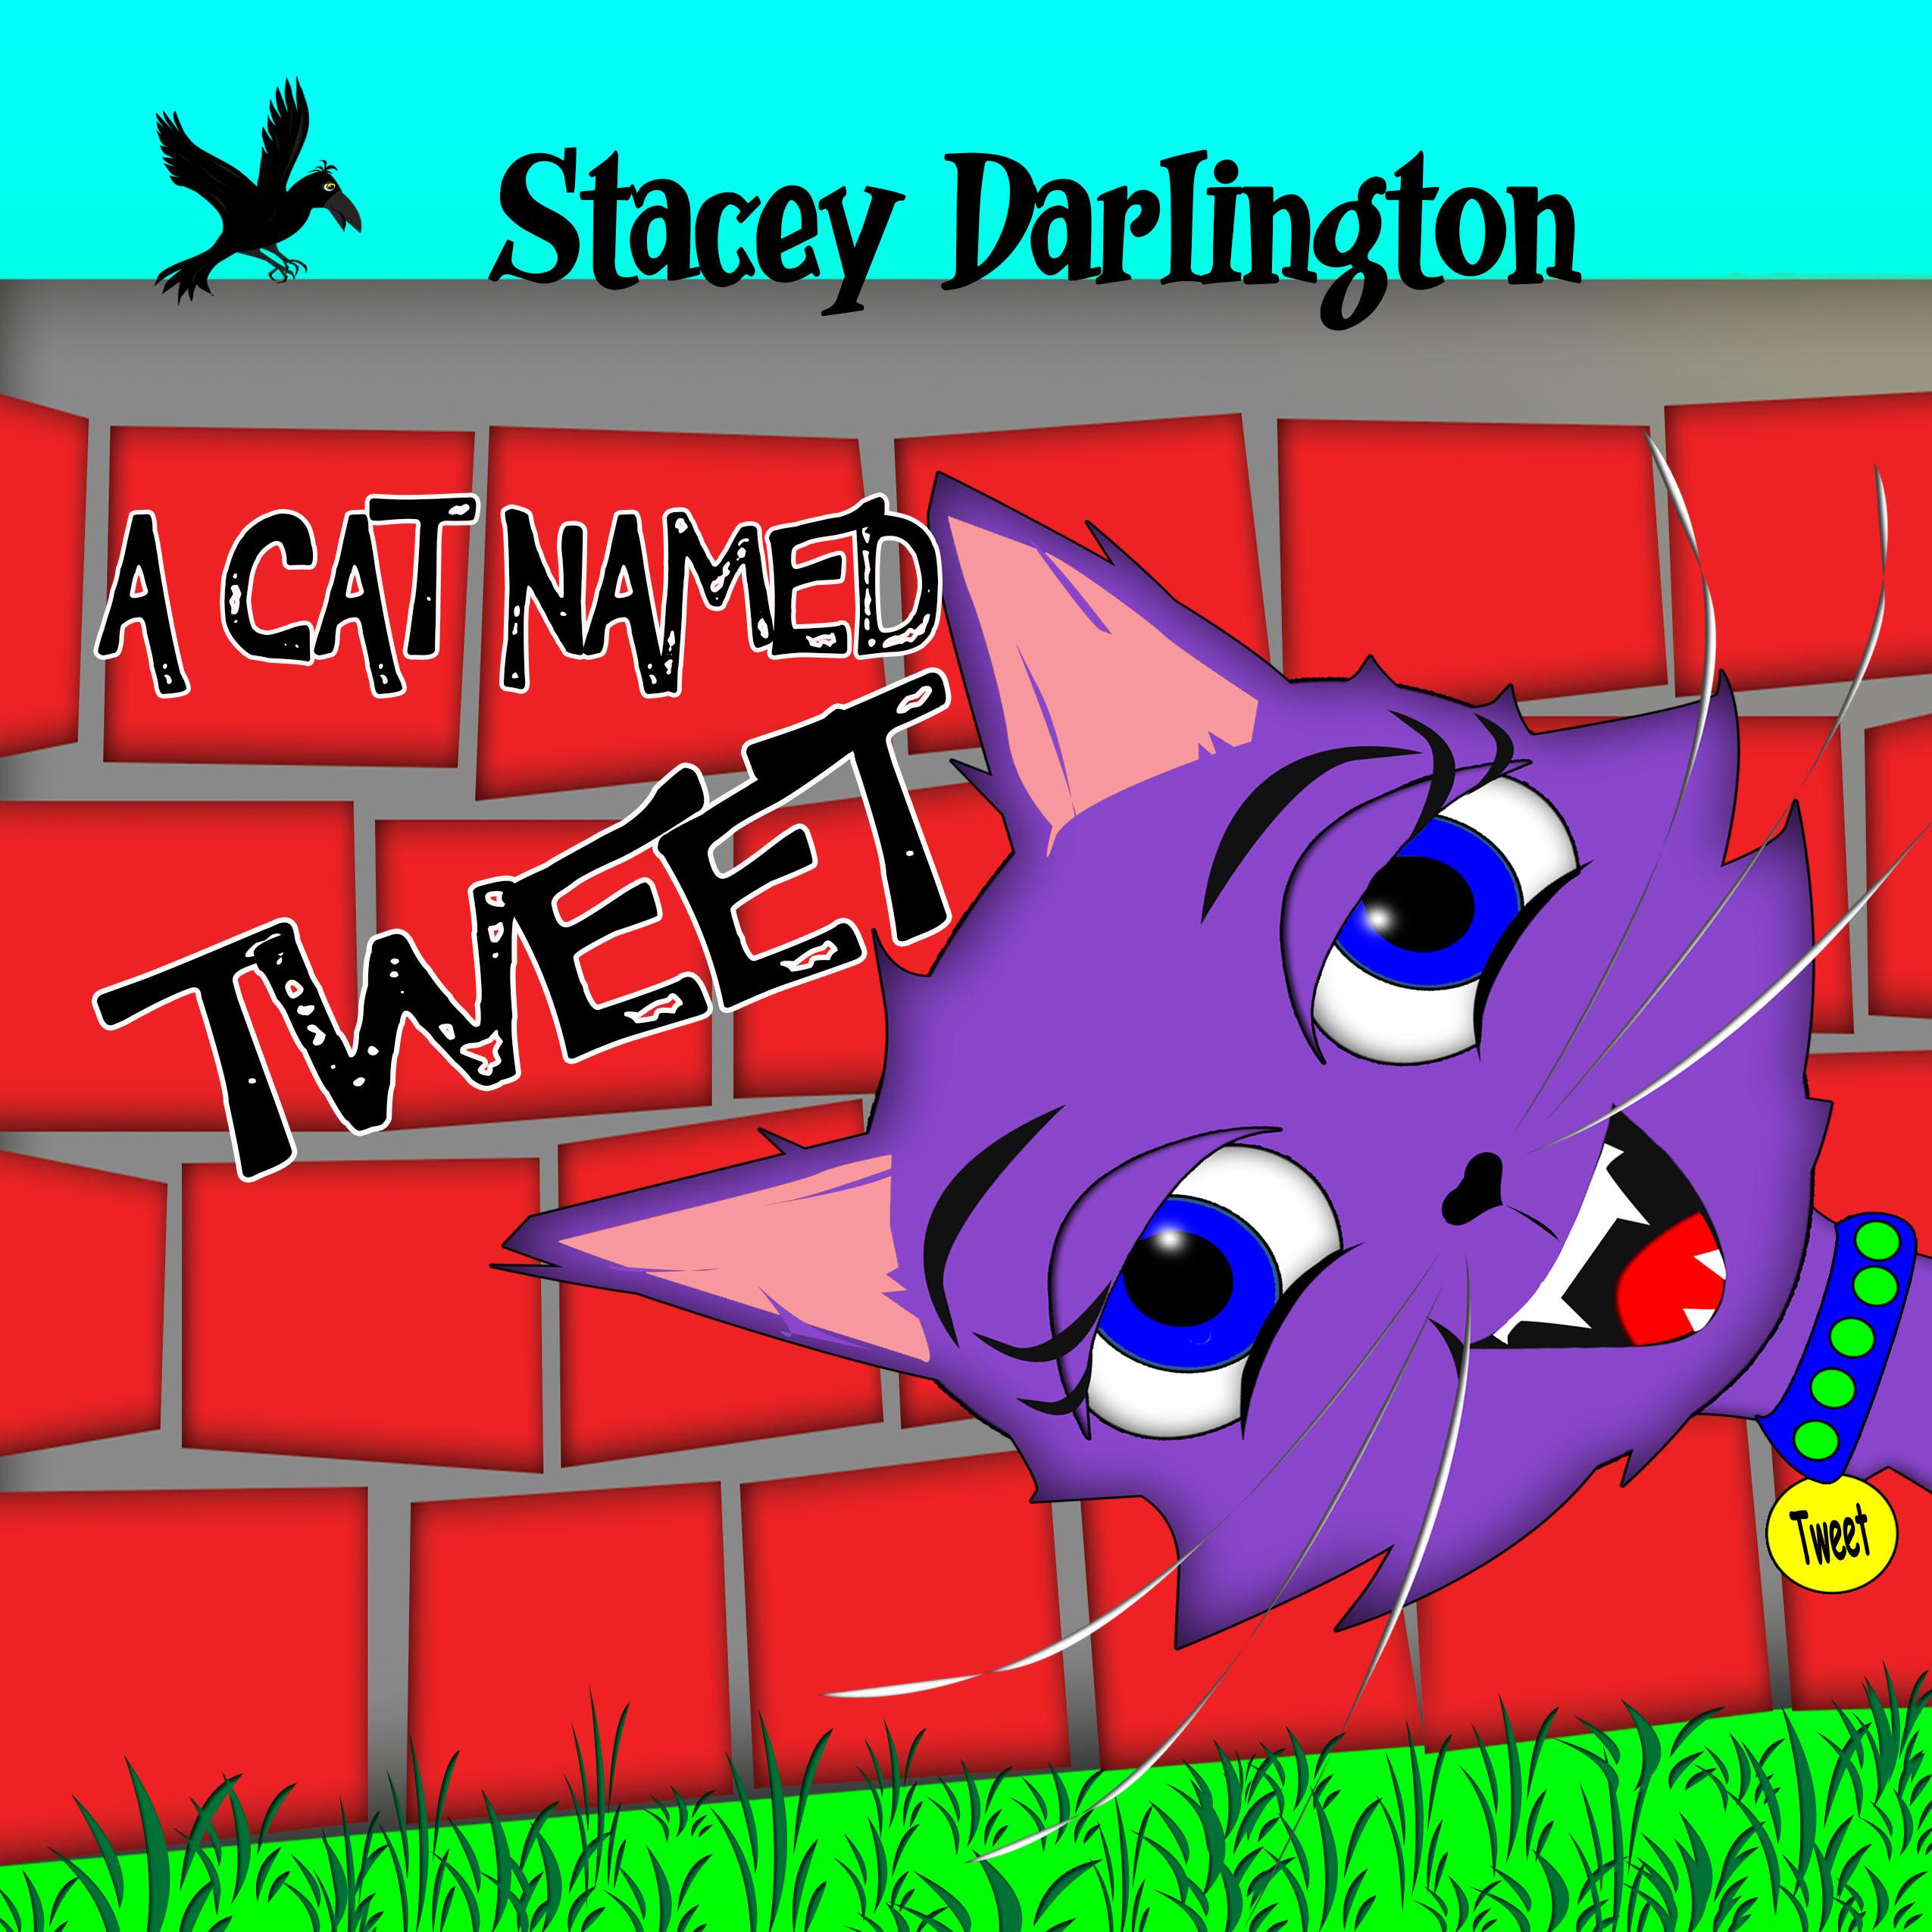 A Cat Named Tweet